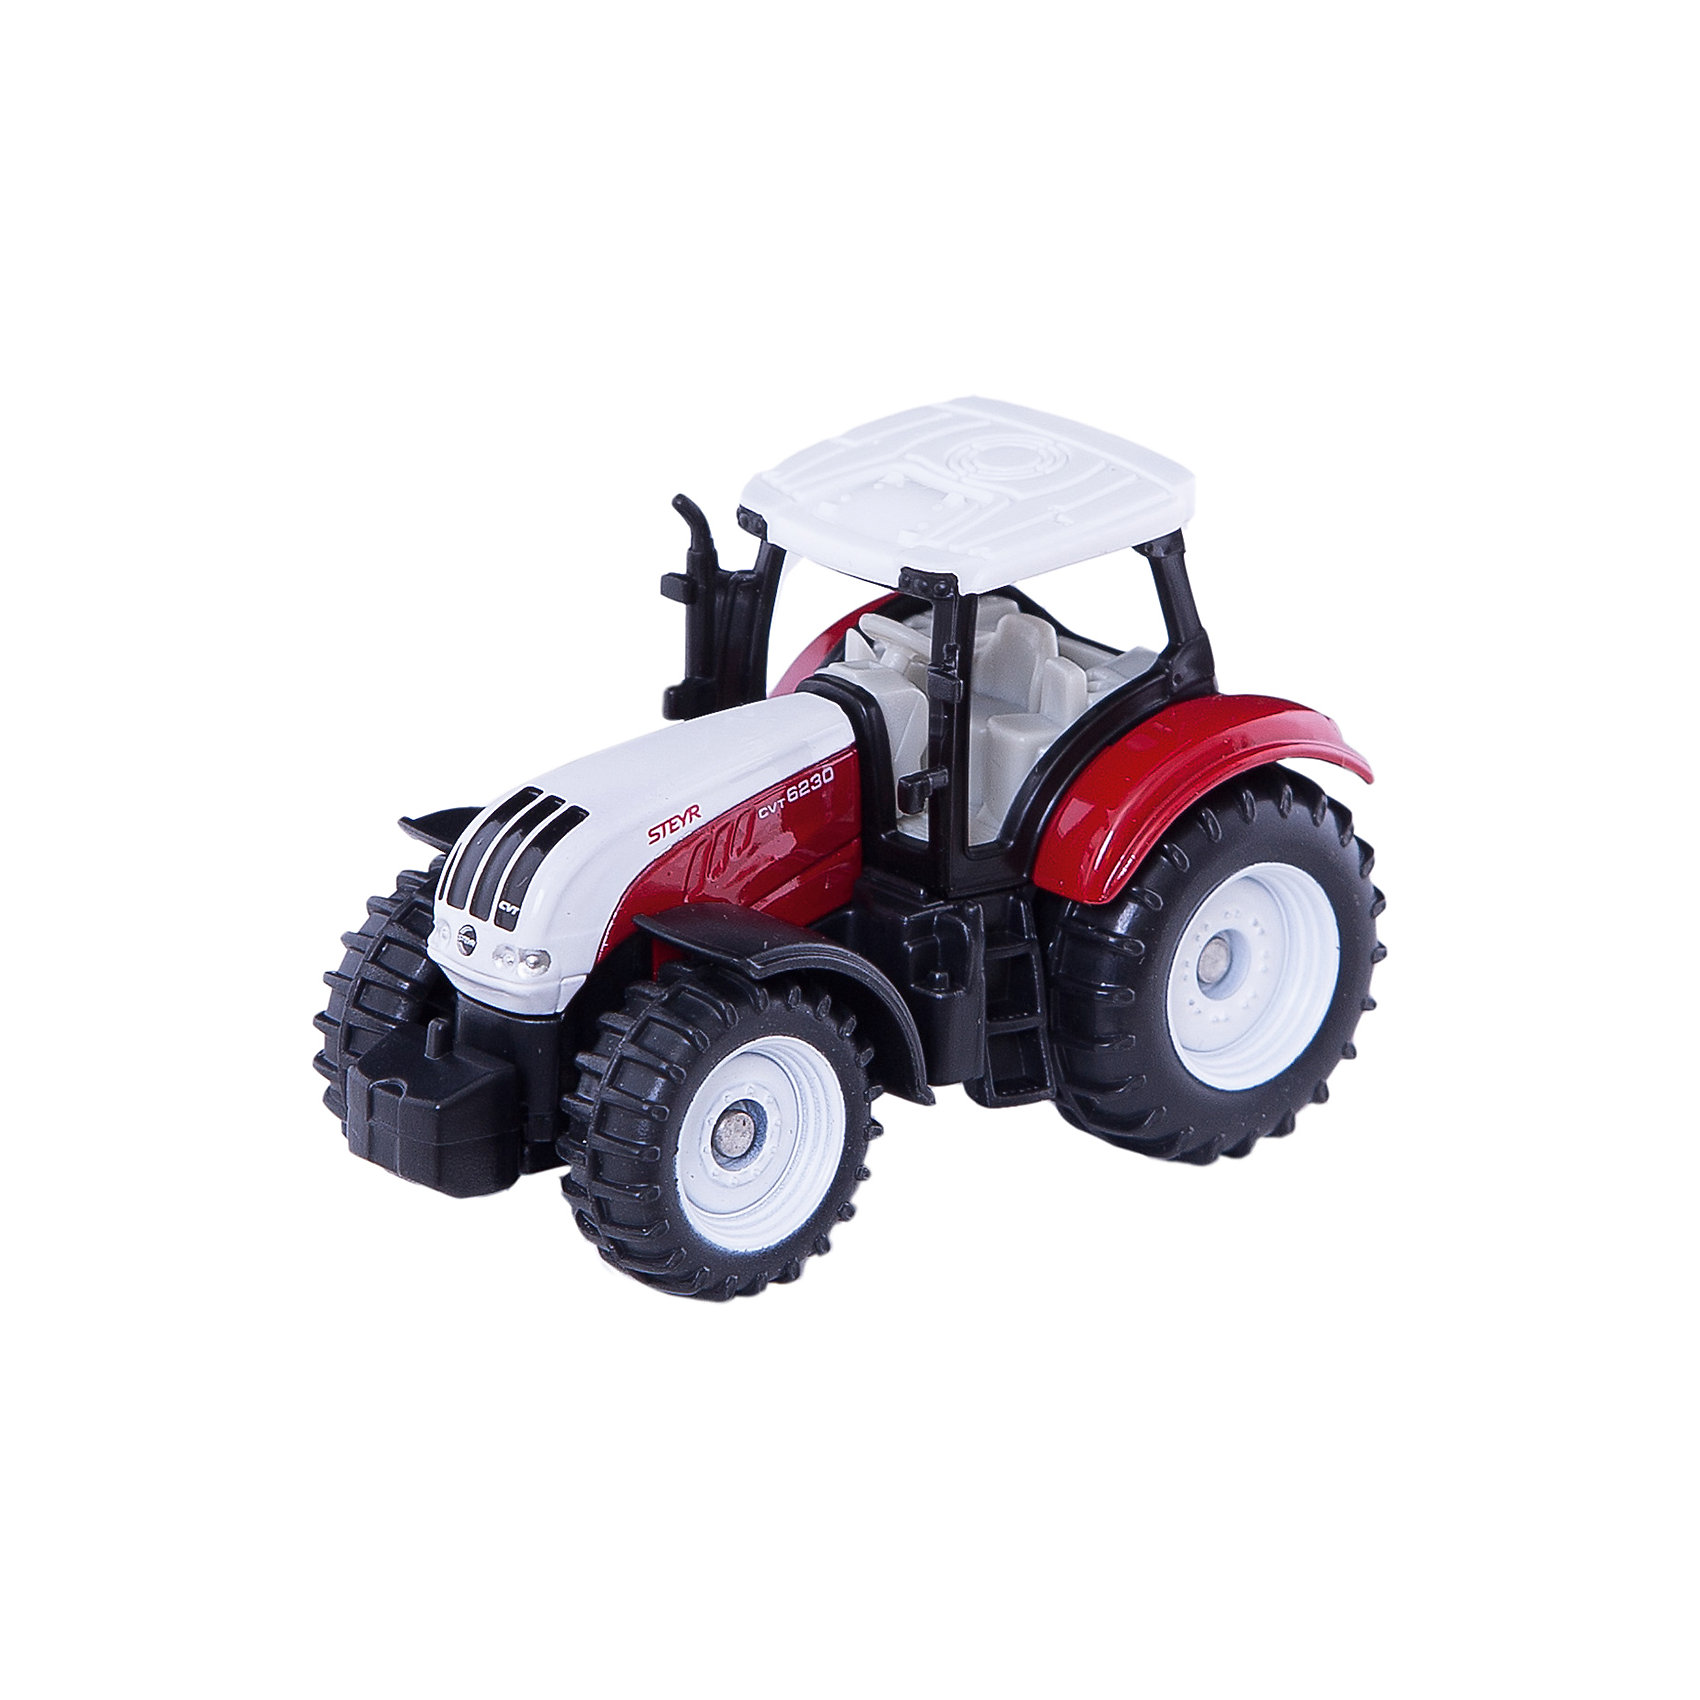 SIKU 1382 Трактор красно-белыйТрактор 1382, Siku, станет прекрасным пополнением коллекции юного любителя техники. Модель является точной копией настоящего маневренного трактора-погрузчика Steyr и отличается высокой степенью детализации и тщательной проработкой всех элементов. Множество реалистичных деталей, таких как сиденье с рулем в съемной кабине водителя, выхлопная труба, лесенка в кабину делают игру с машиной еще интереснее и позволяют воспроизвести сценки из деревенской жизни. Мощные подвижные колеса с рифлеными шинами обеспечивают трактору хорошую проходимость по любой поверхности. Корпус модели выполнен из металла, детали изготовлены из ударопрочной пластмассы.<br><br>Дополнительная информация:<br><br>- Материал: металл, пластик.<br>- Размер: 3,8 x 9,7 x 7,8 см.<br>- Вес: 41 гр.<br><br>1382 Трактор красно-белый, Siku, можно купить в нашем интернет-магазине.<br><br>Ширина мм: 95<br>Глубина мм: 81<br>Высота мм: 38<br>Вес г: 45<br>Возраст от месяцев: 36<br>Возраст до месяцев: 96<br>Пол: Мужской<br>Возраст: Детский<br>SKU: 3550864